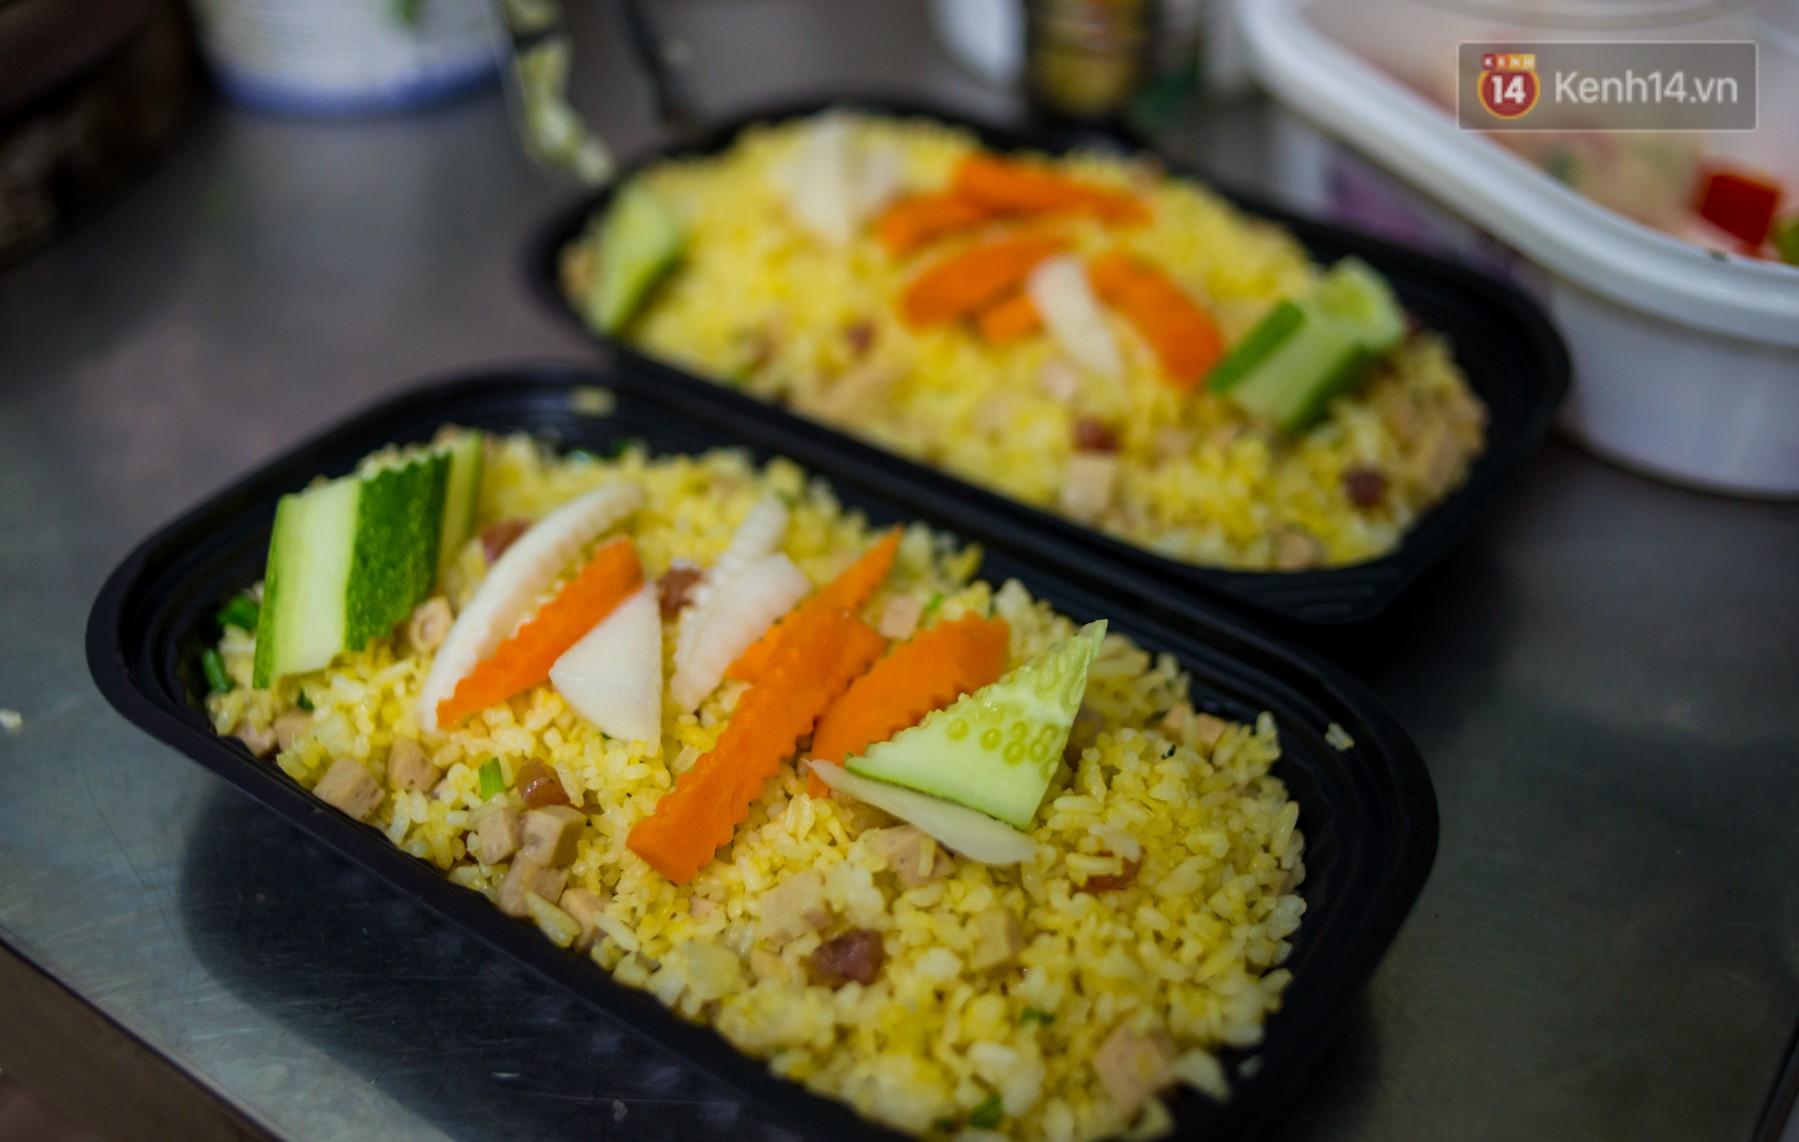 Dịch vụ giao thức ăn đêm ở Sài Gòn tăng cường hoạt động đến gần 3h sáng trong mùa World Cup - Ảnh 5.